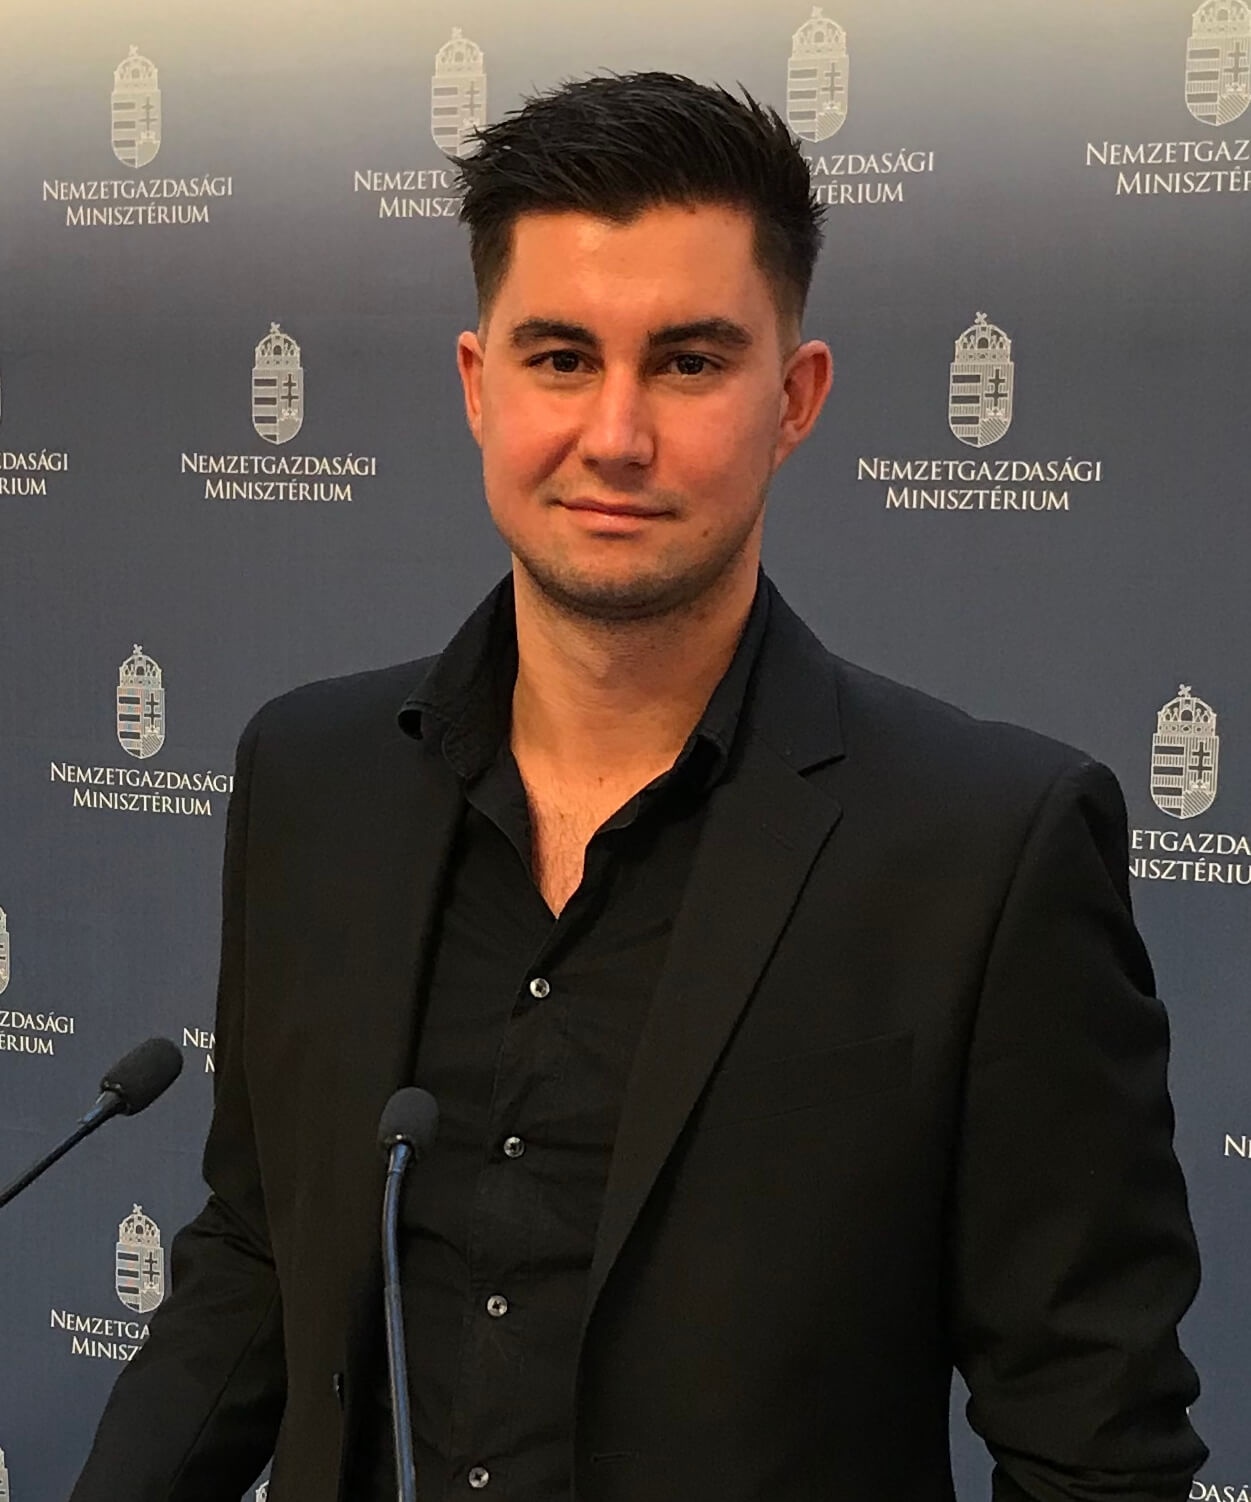 János Szlifka